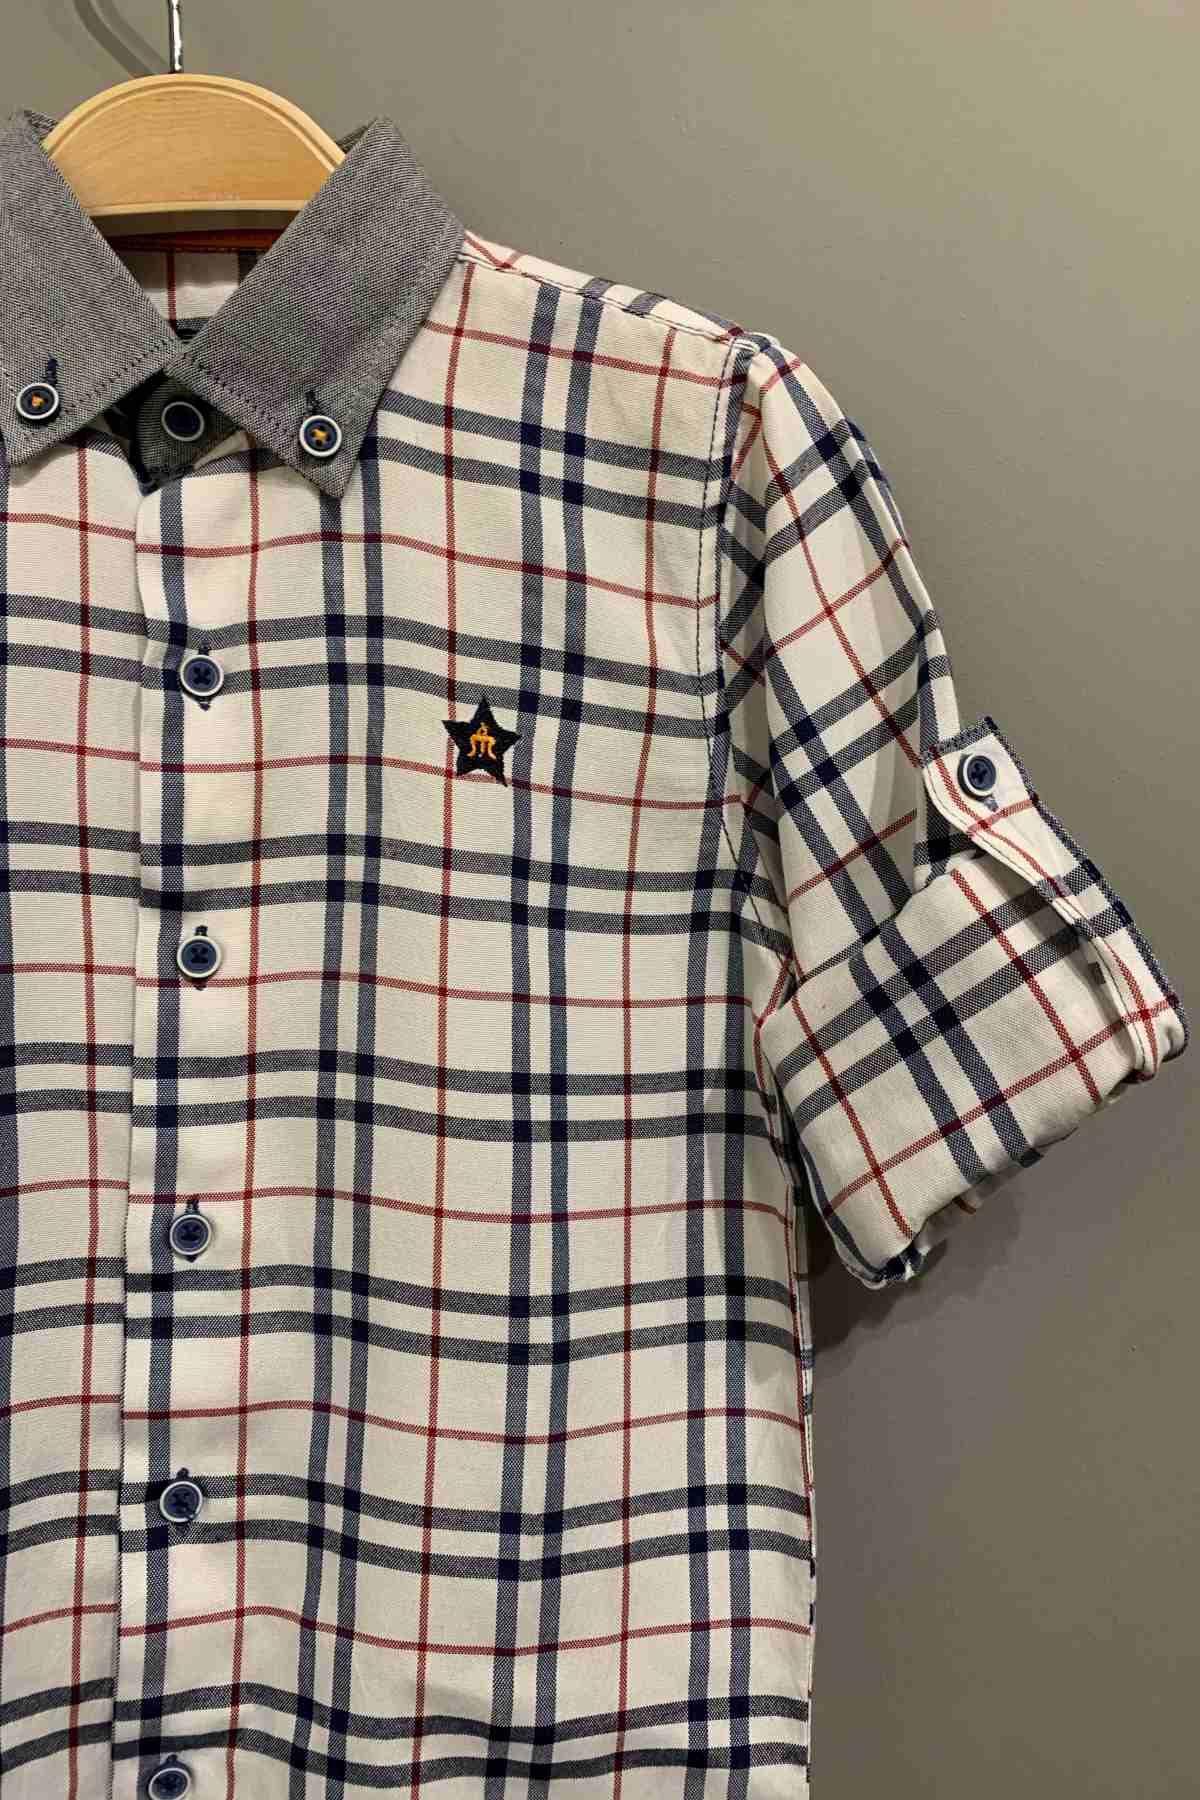 Kare Desen Erkek Çocuk Gömlek